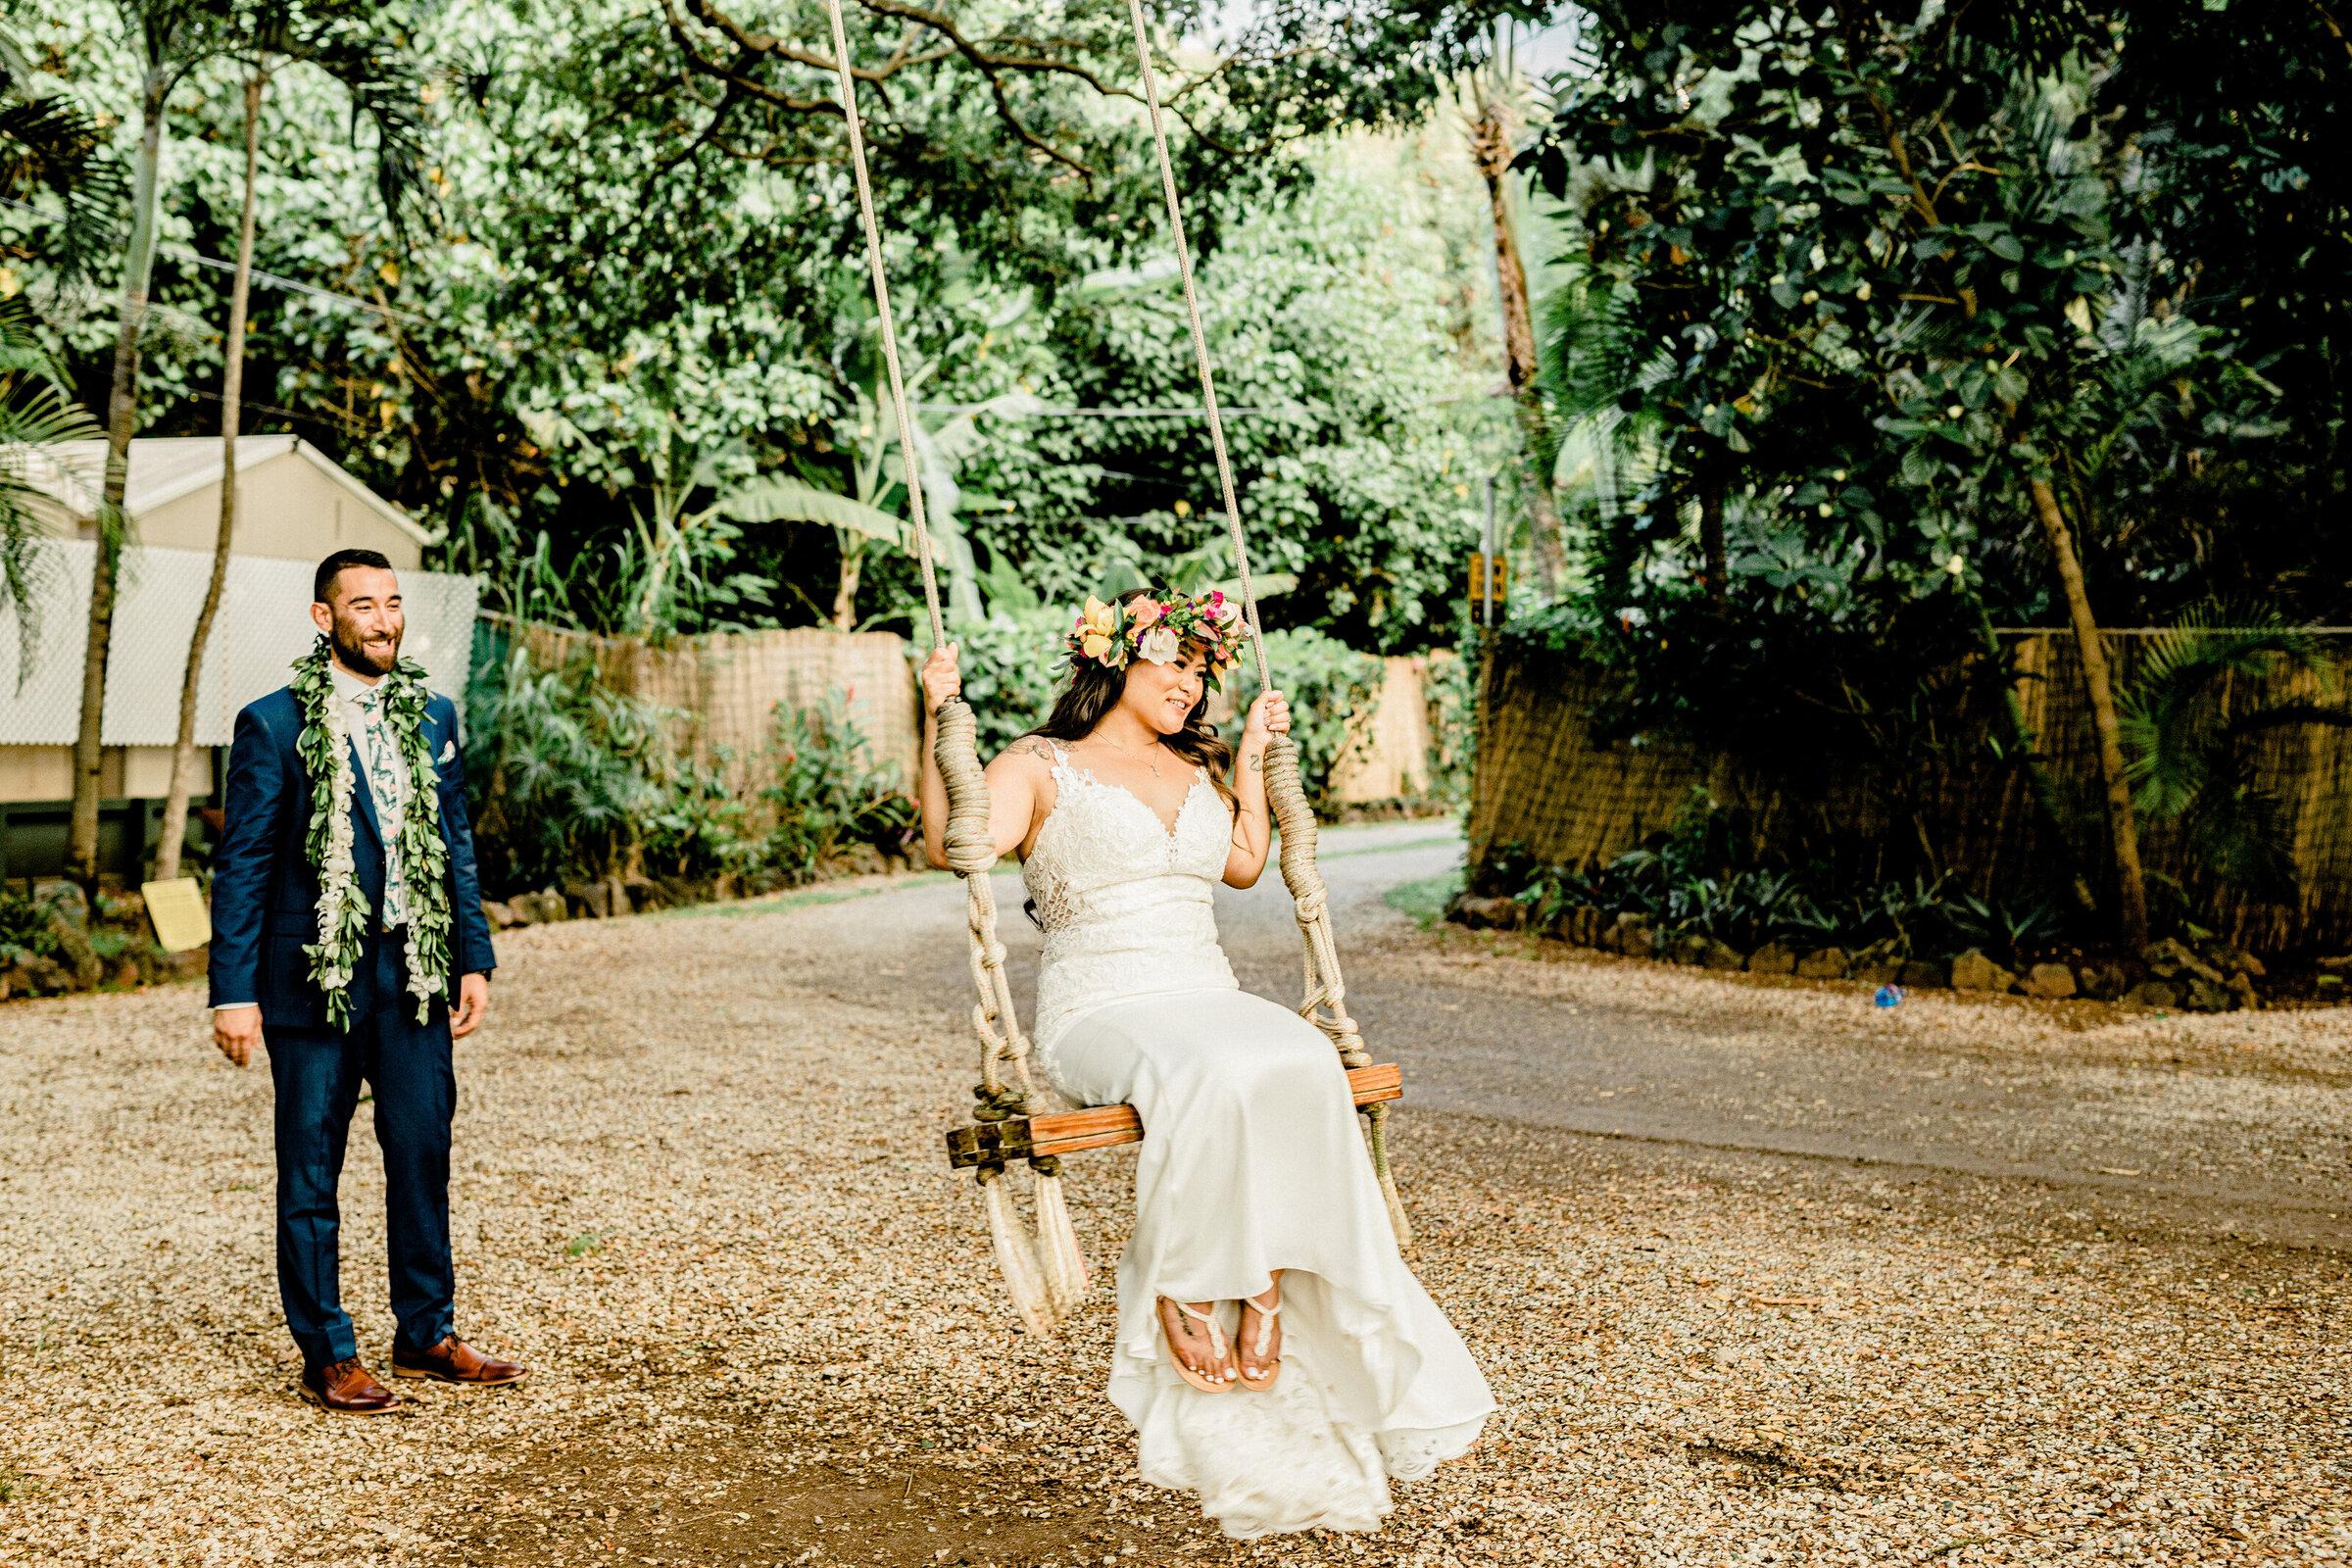 Hawaiian Bride on Swing